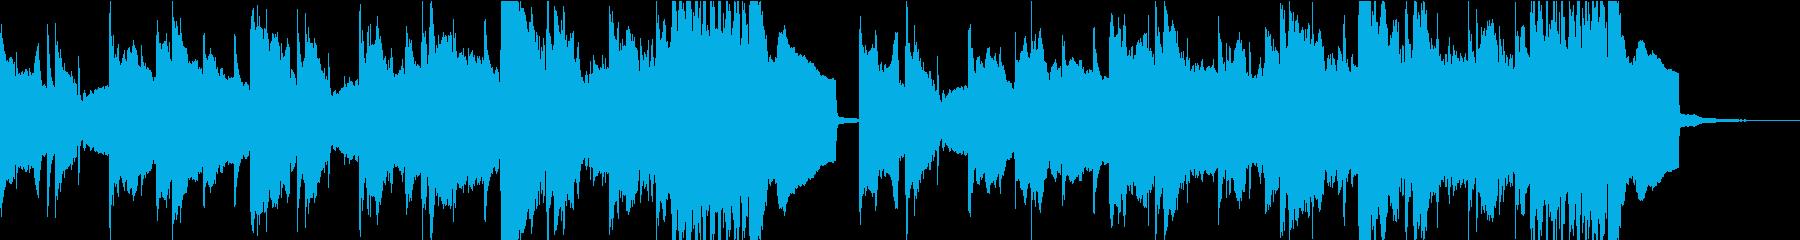 前向きなメロディのポップロックの再生済みの波形